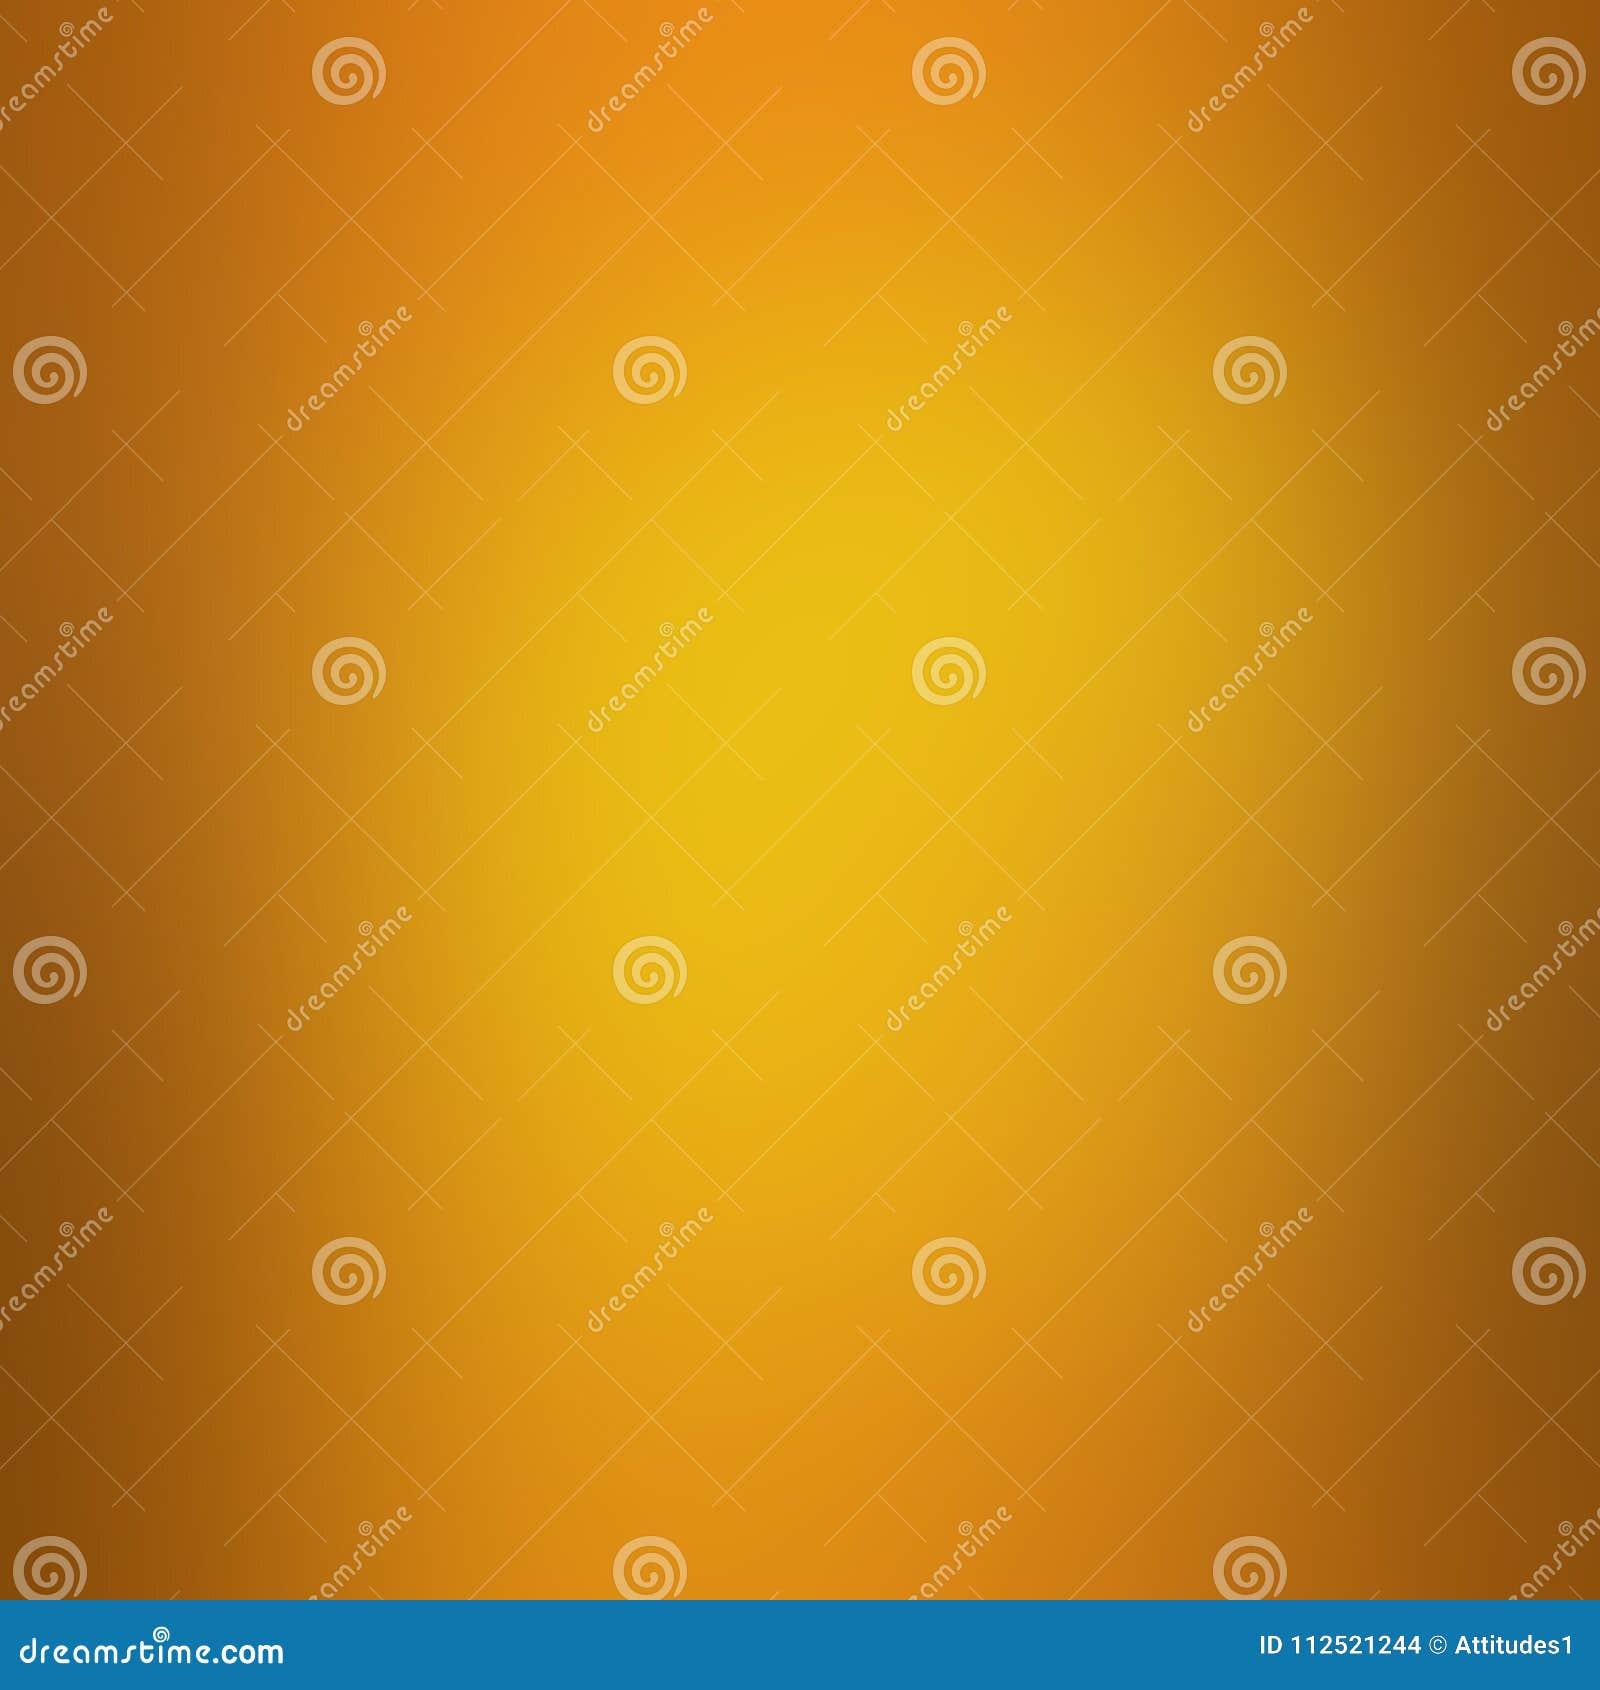 Gouden achtergrond met oranje grens en zacht mooi onduidelijk beeldontwerp, gouden grafische kunstlay-out